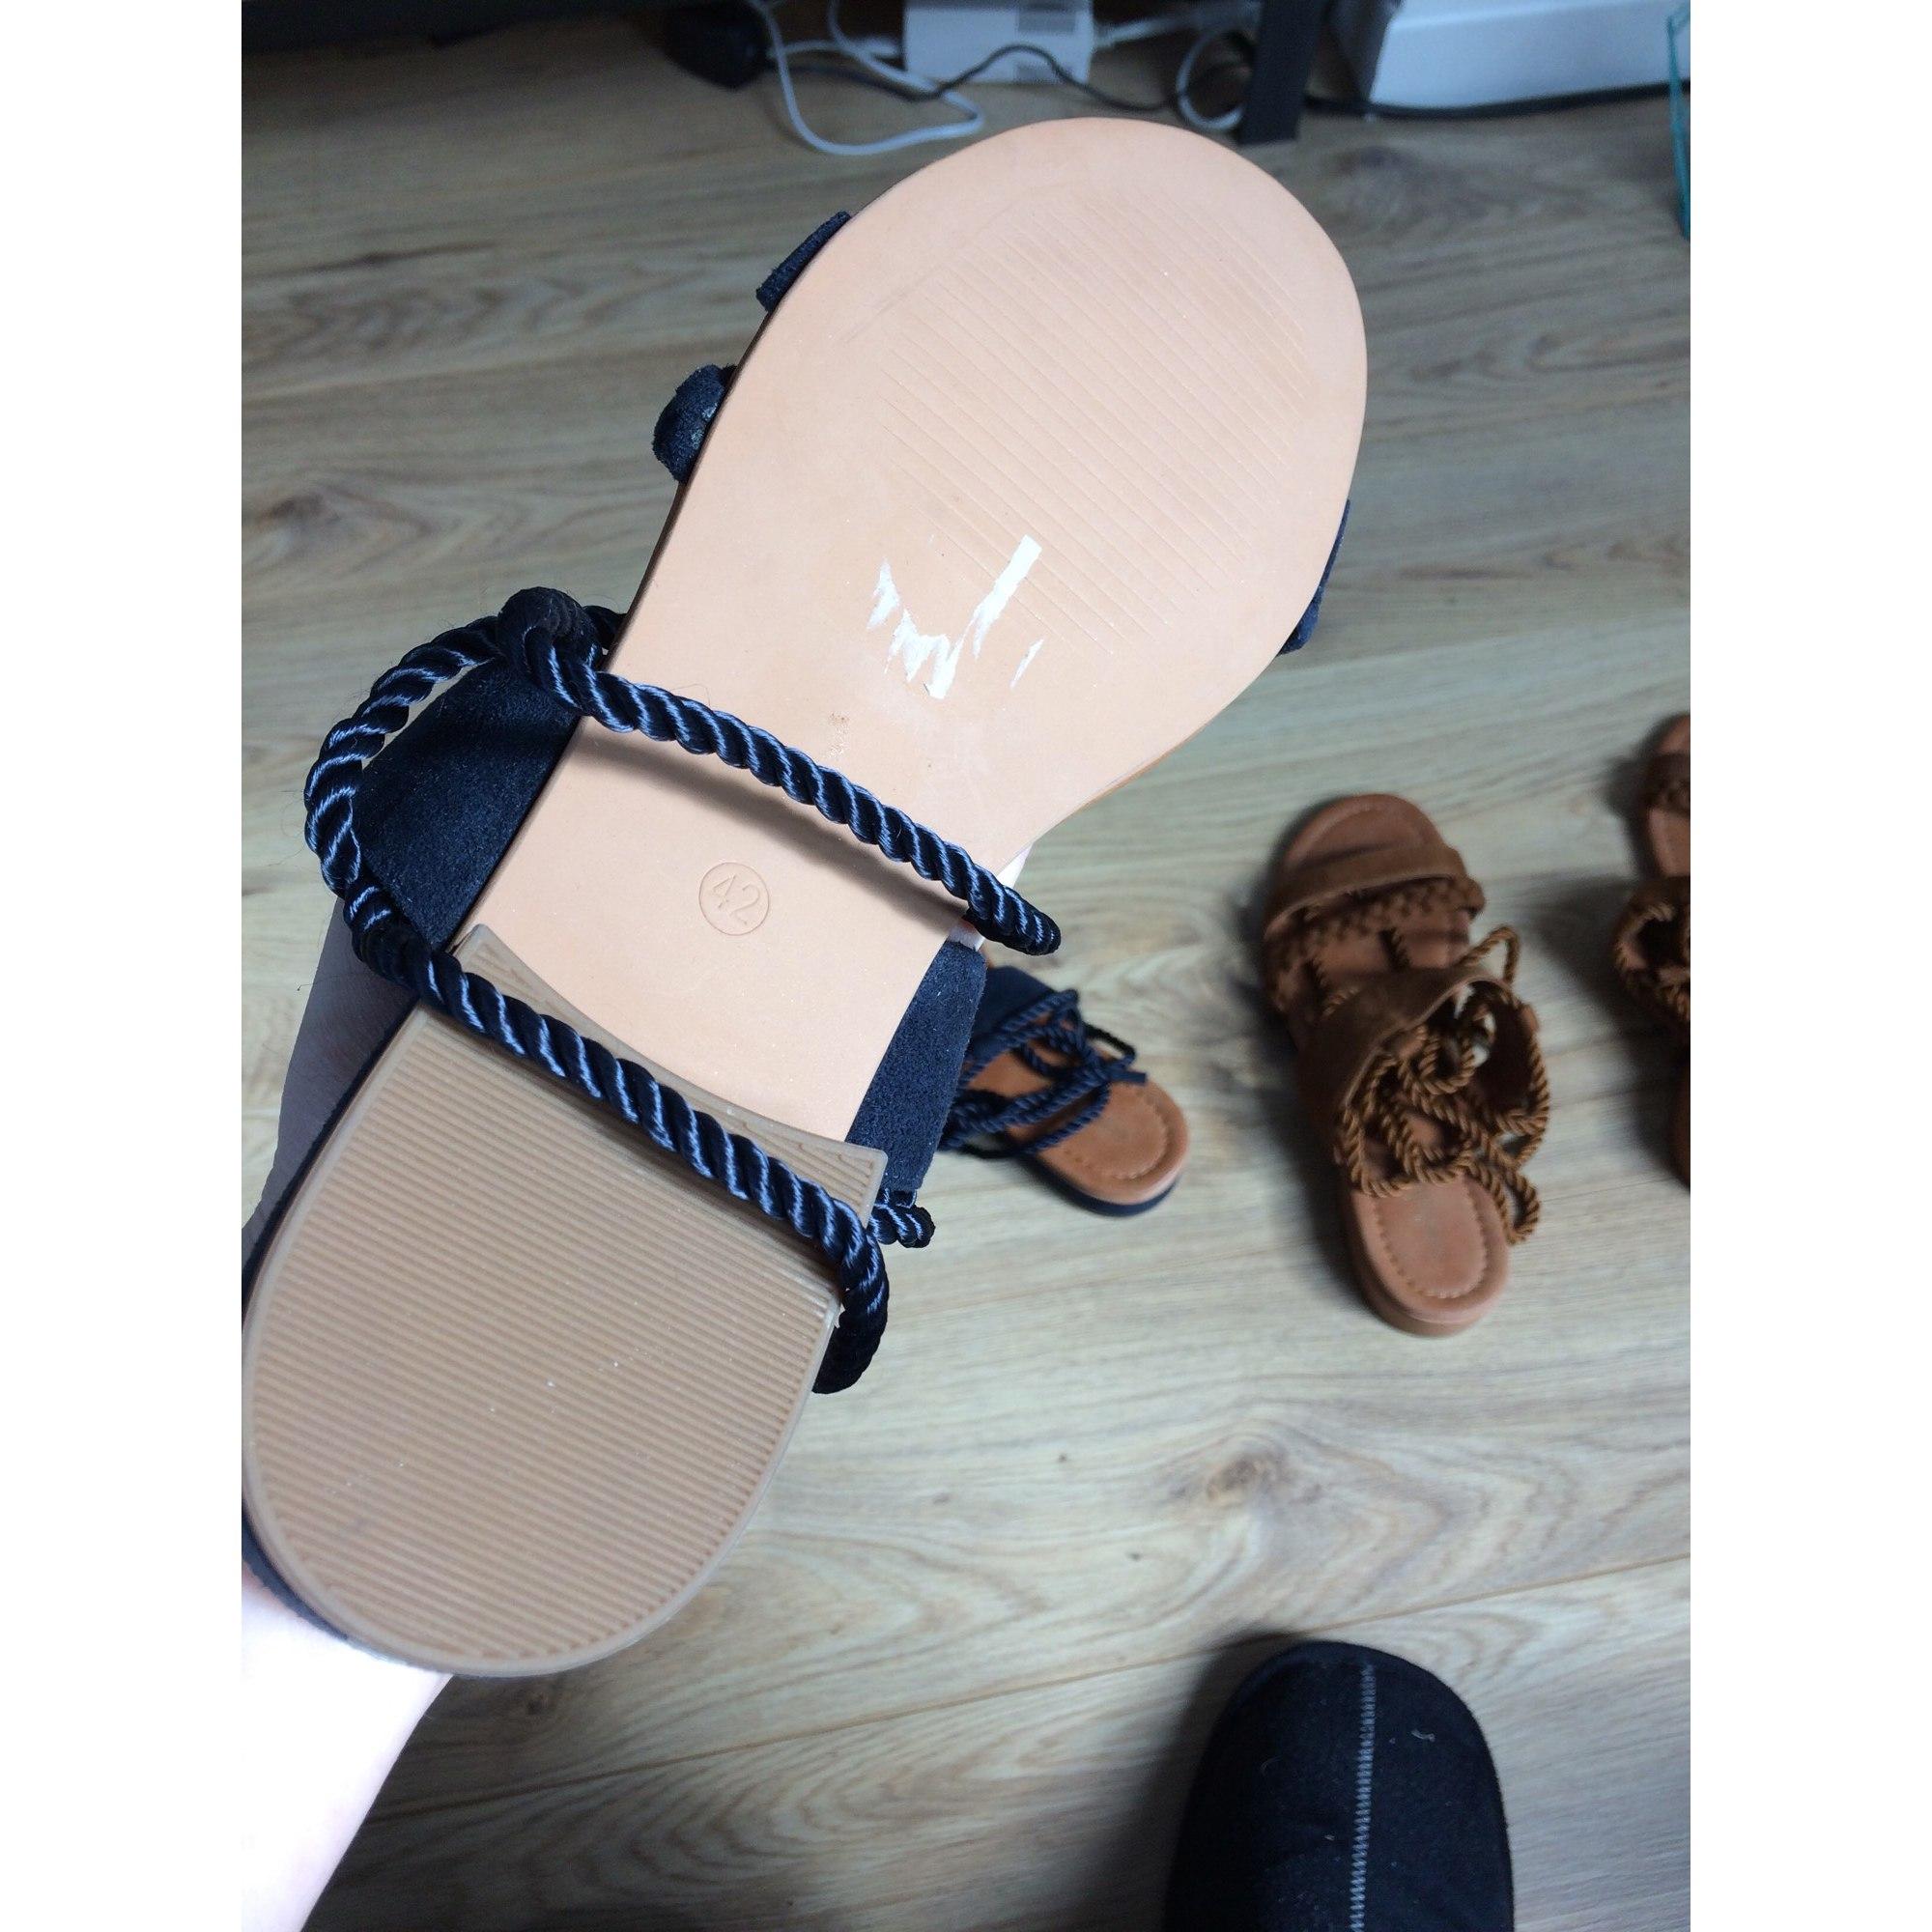 Sandales La 42 7447820 Redoute Plates Bleu Opkxiuz tdsQrhC